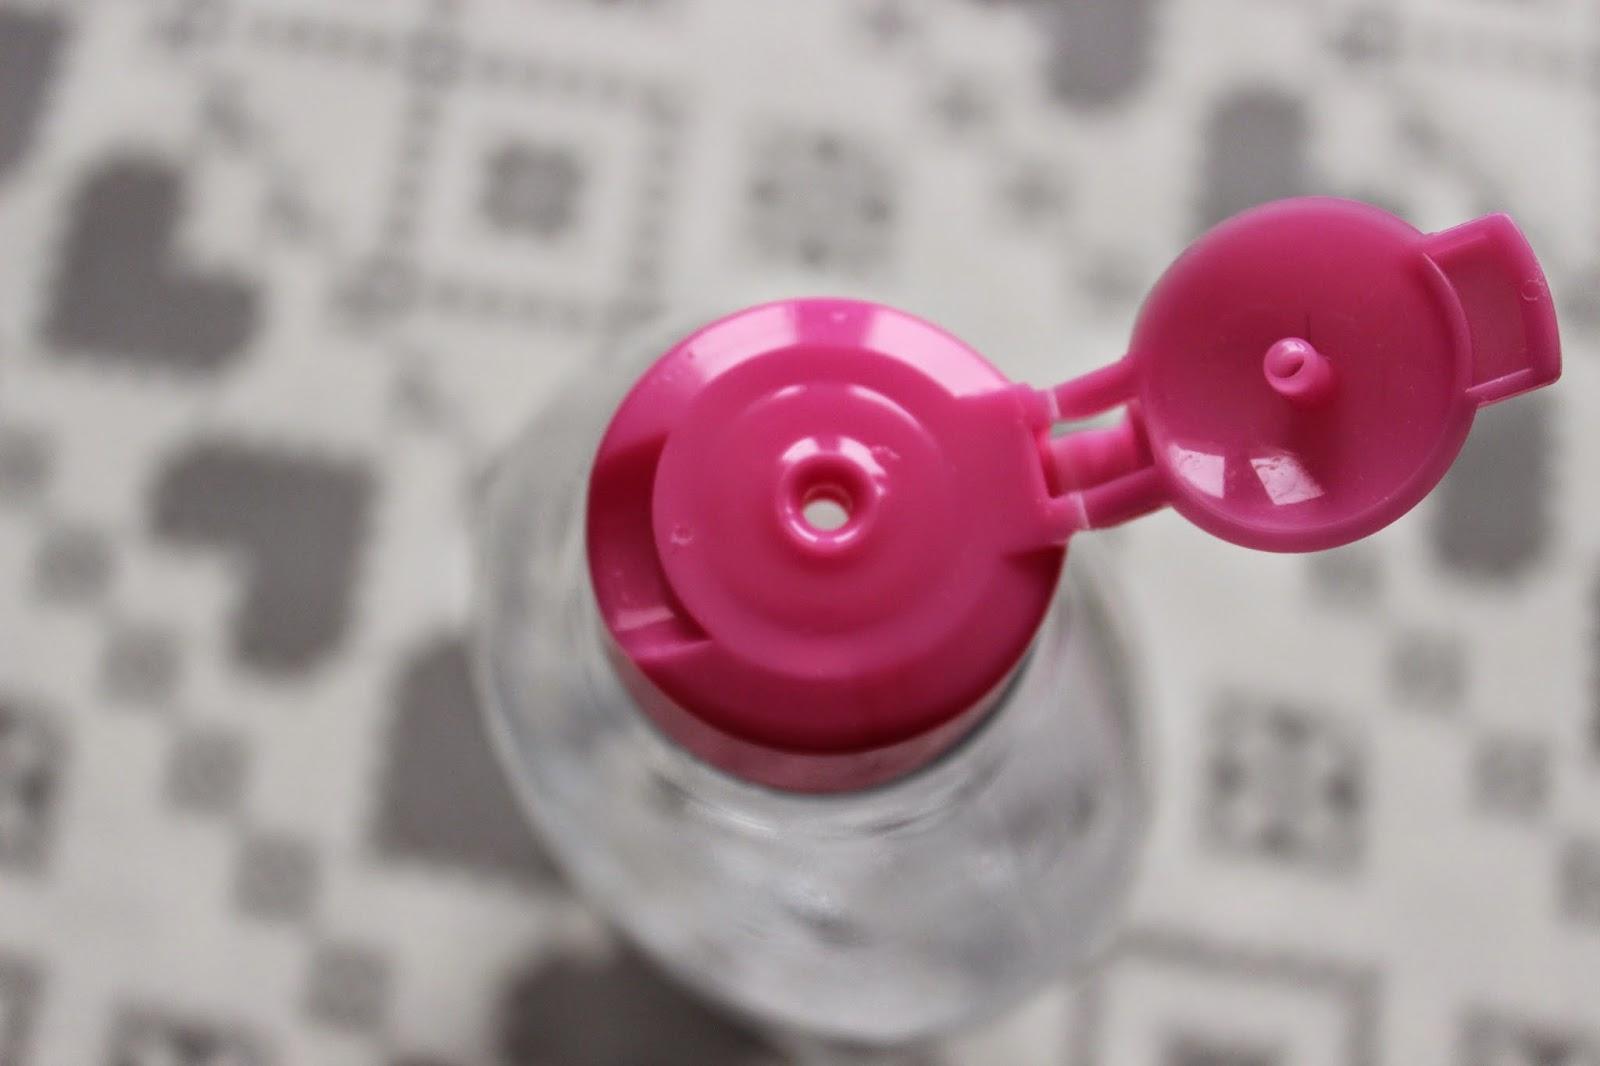 garnier różowy płyn micelarny do skóry wrażliwej opinia recenzja skóra trądzikowa